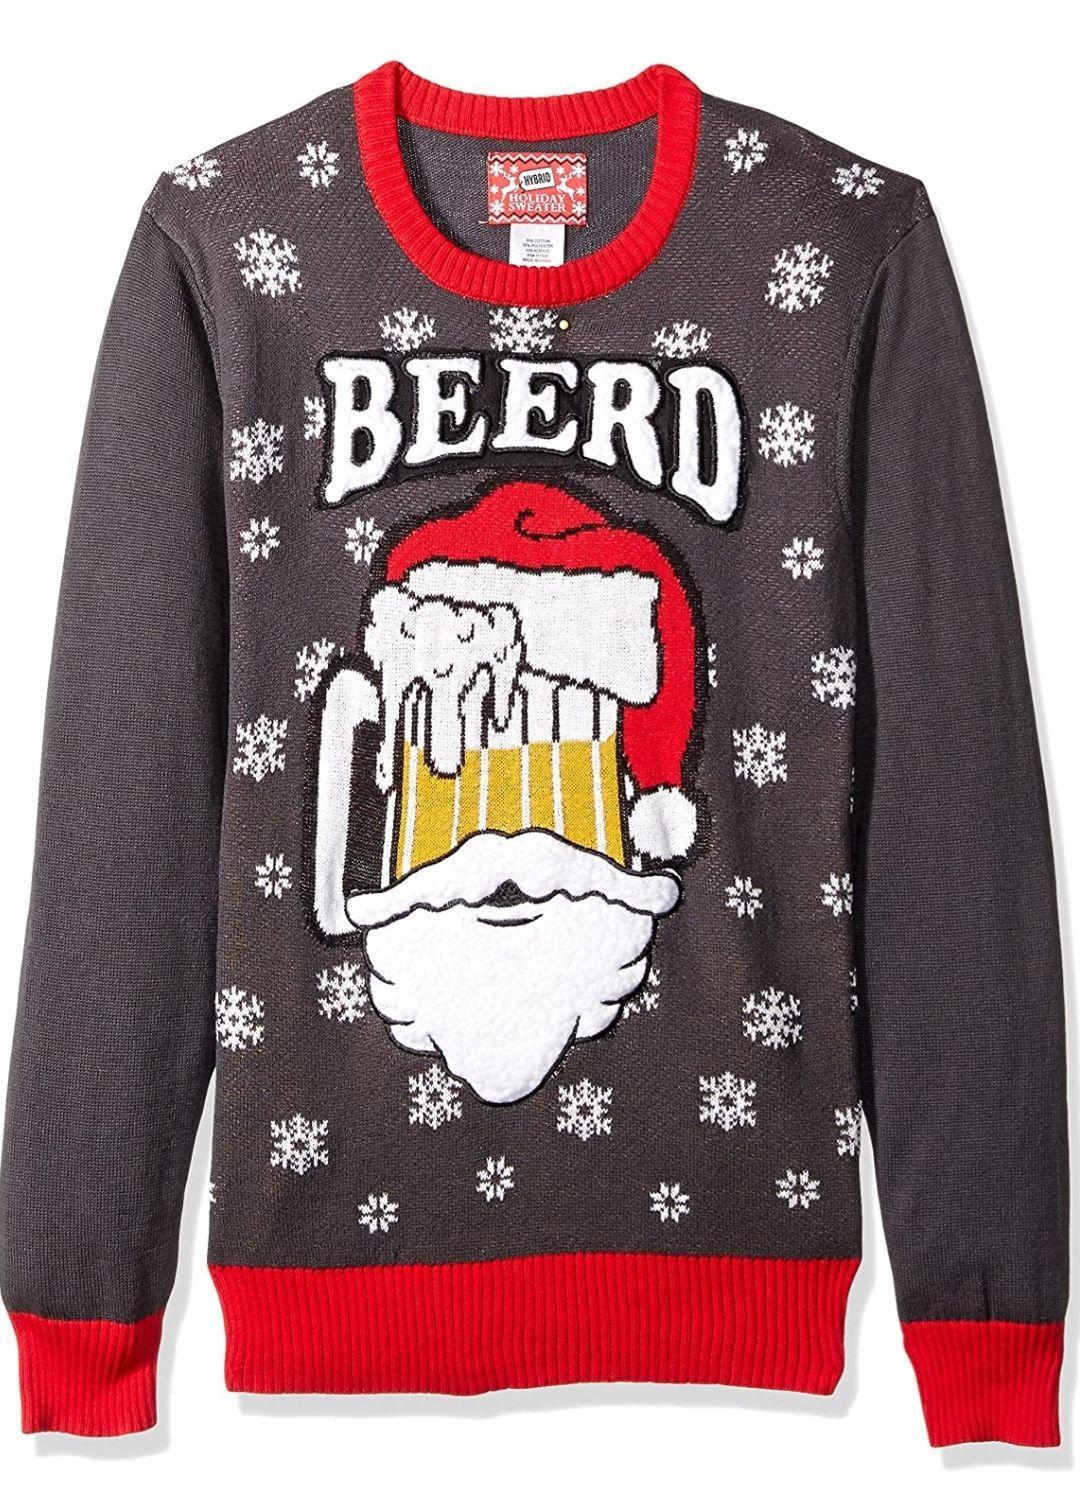 Amazon: Hybrid Apparel Suéter Feo de Navidad para Hombre, Santa Beerd/Carbón Vegetal